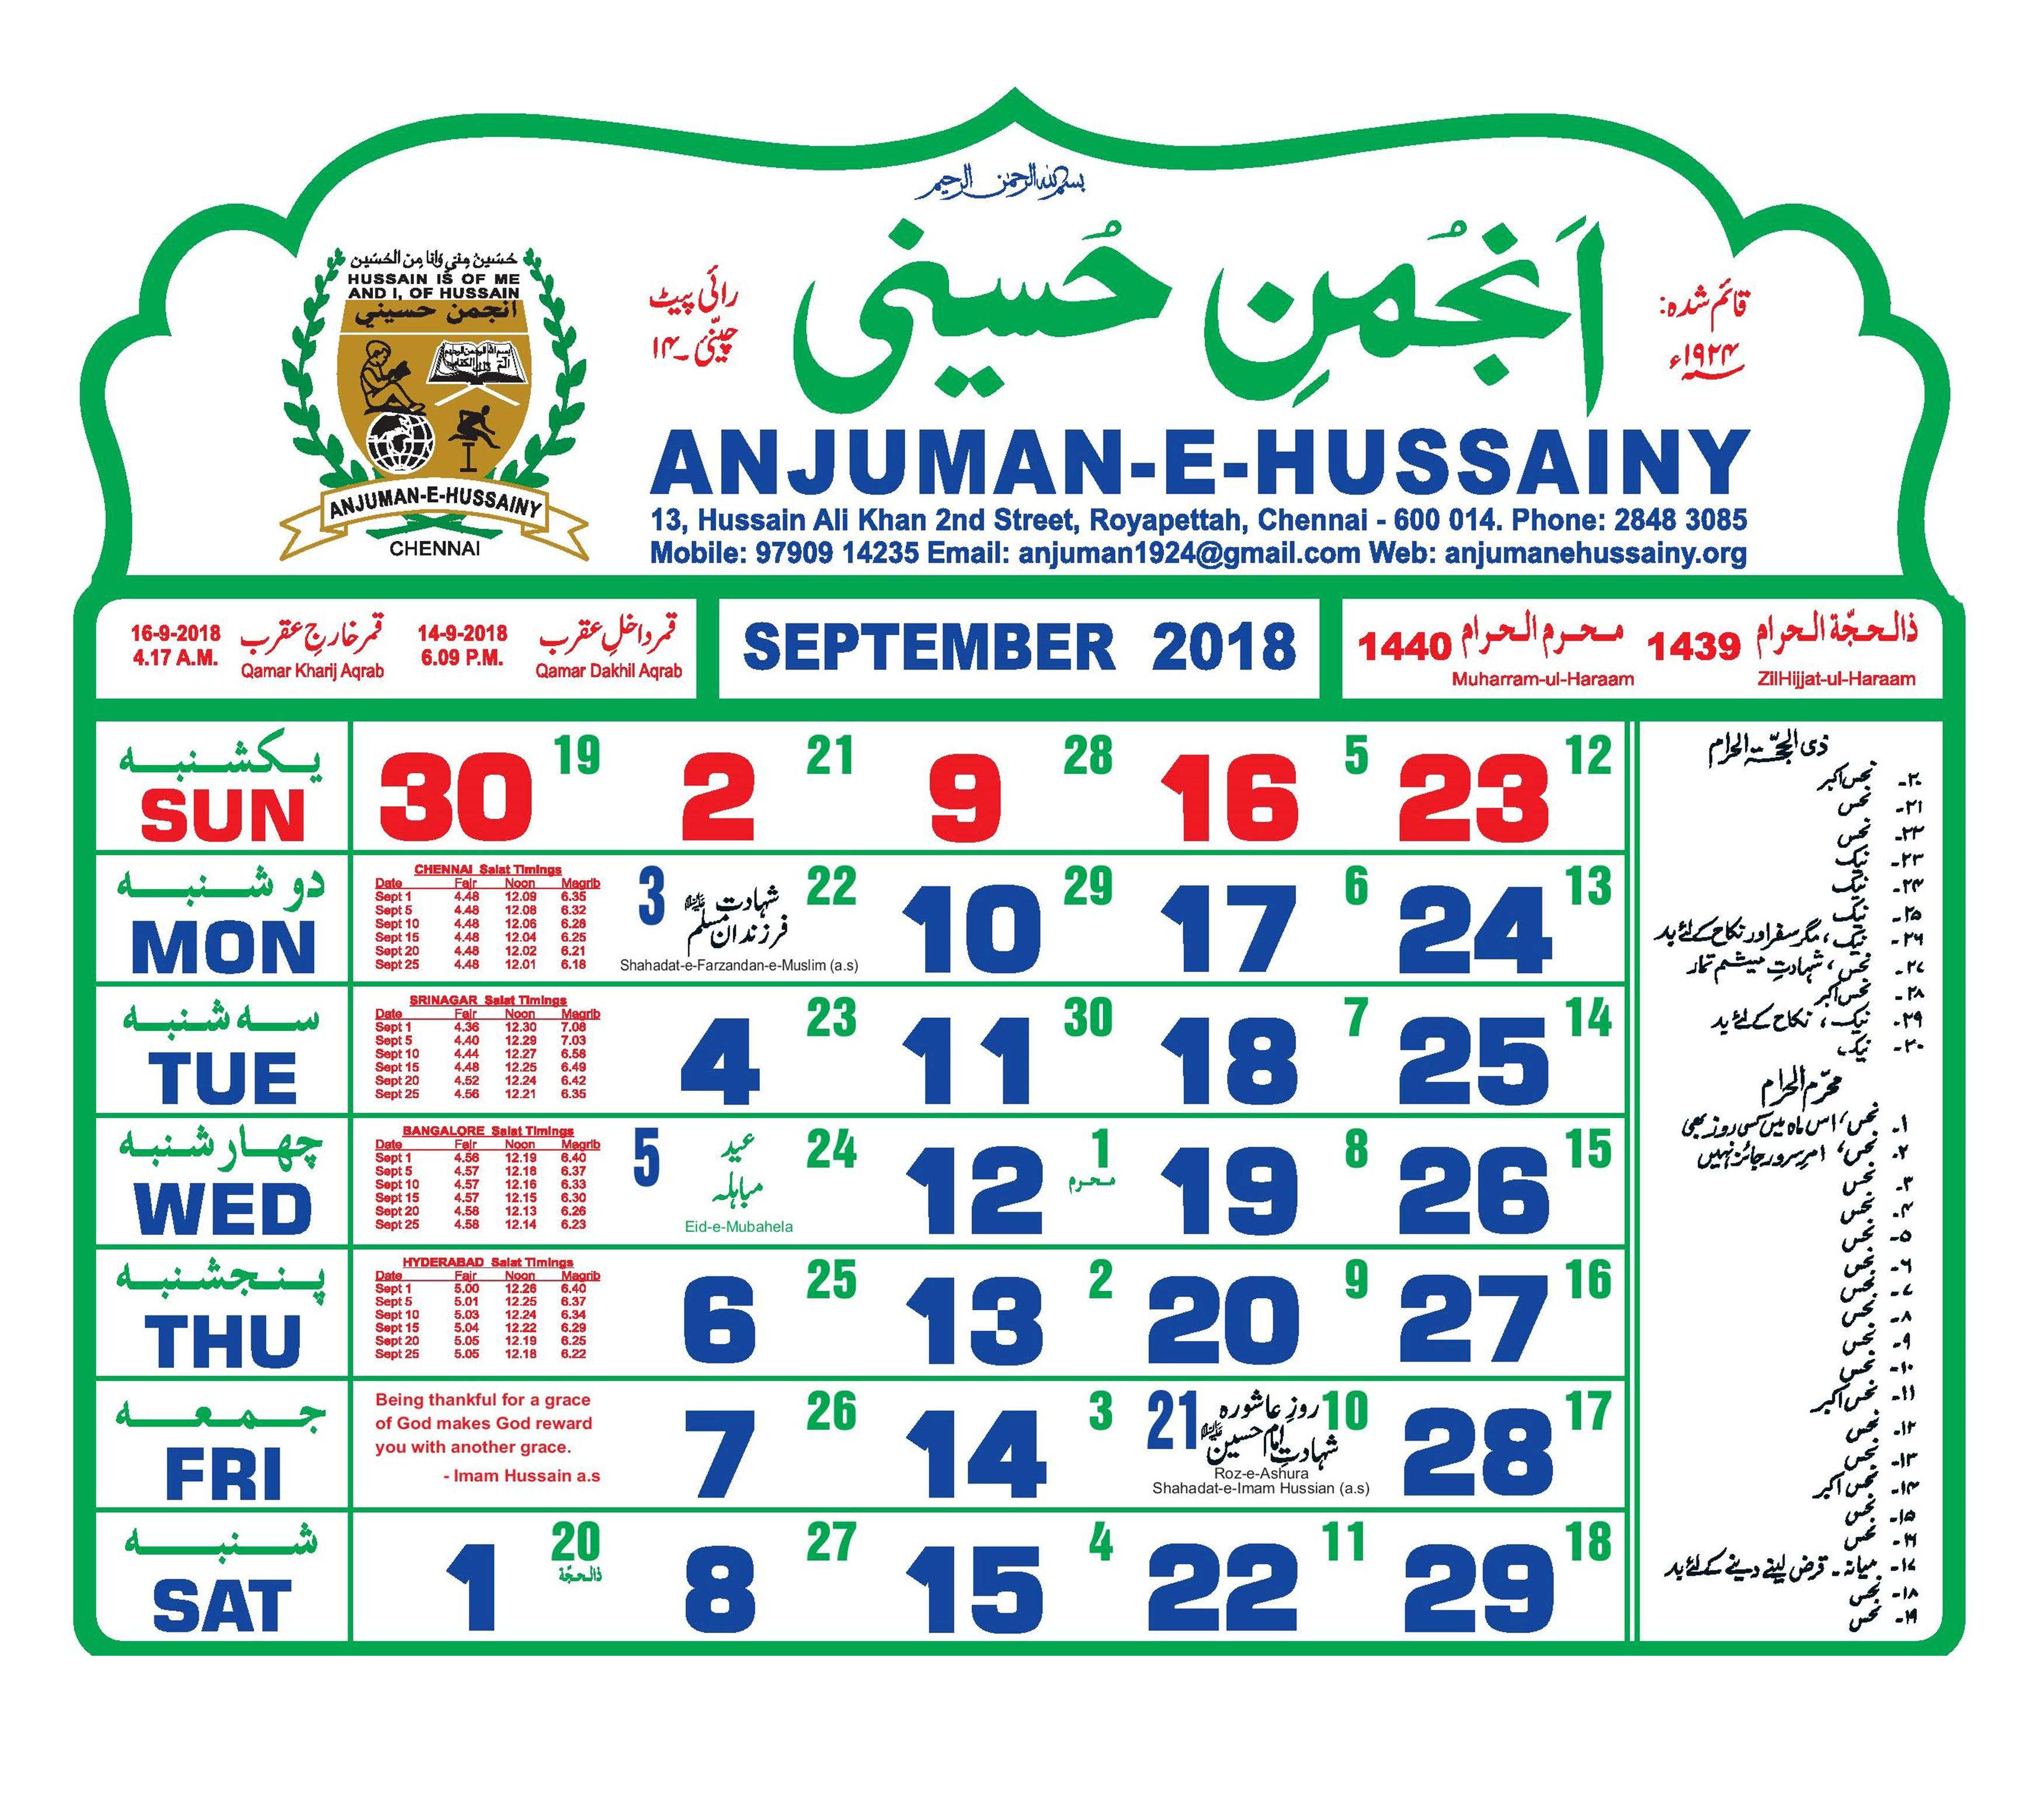 Yaad E Hussain — Ya Imam Hussain - Yaad E Hussain intended for Hussaini Calendar 2018